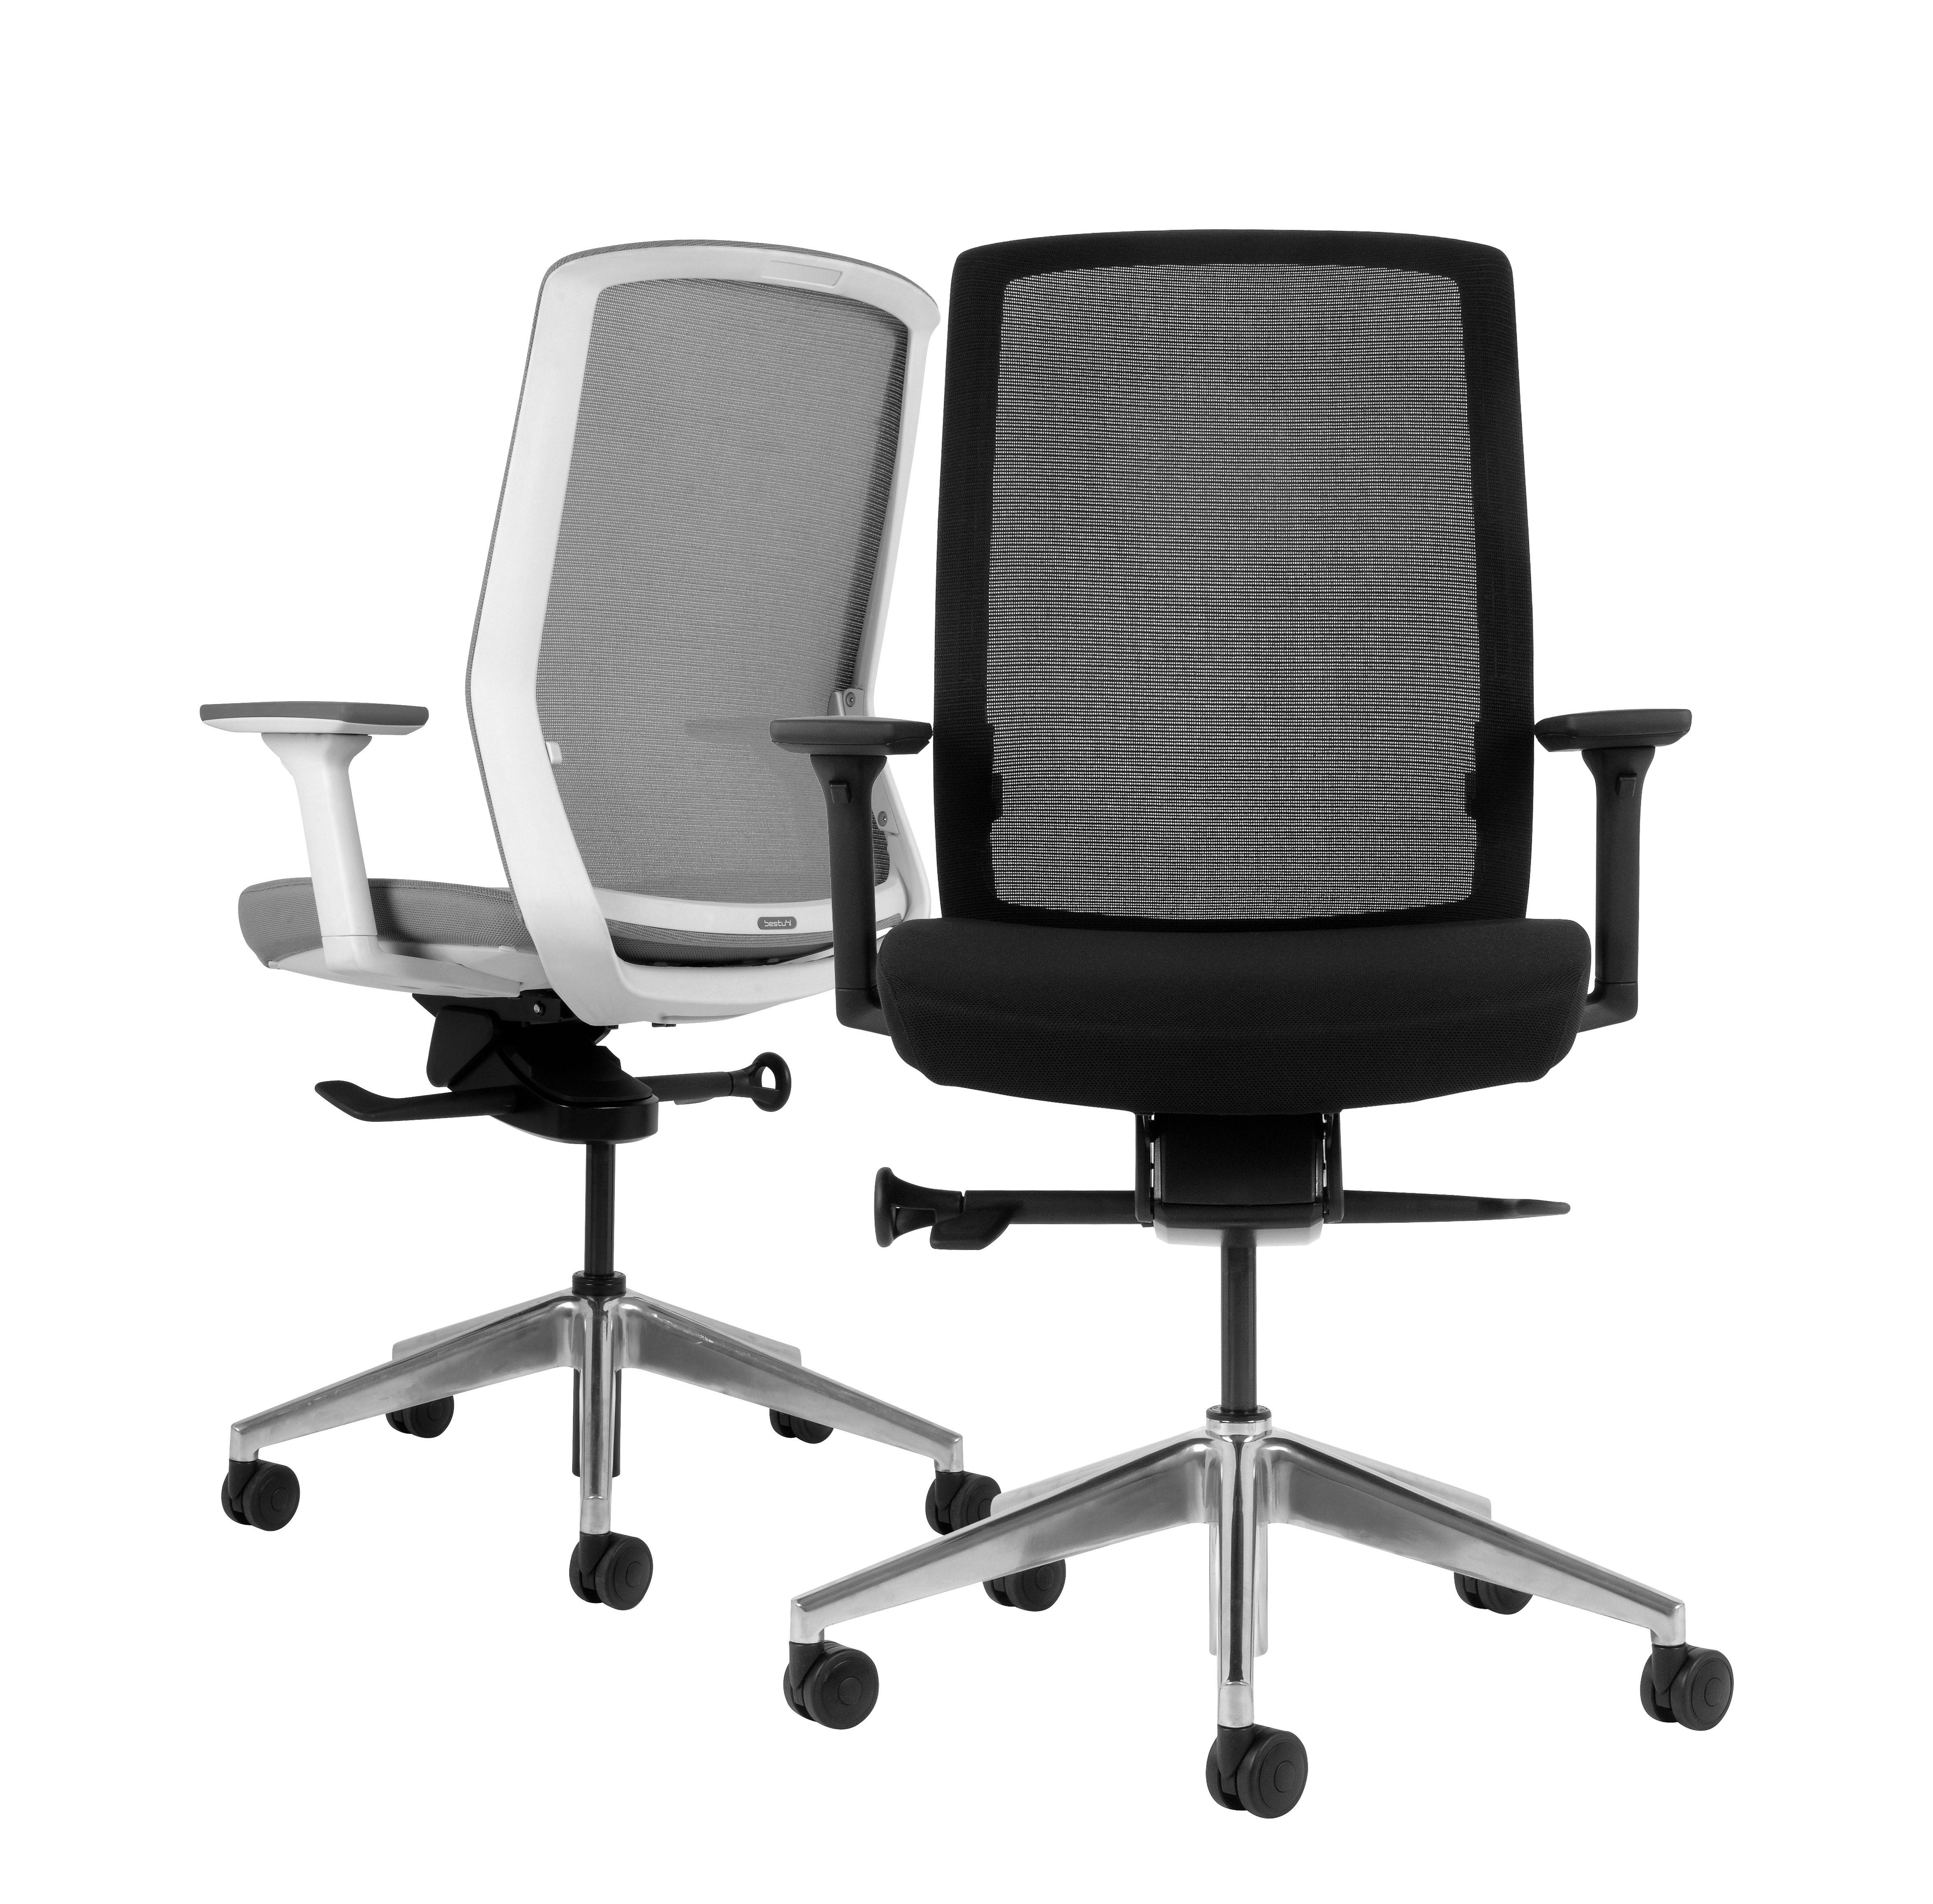 Bestuhl J1 task chair Upholstered desk chair